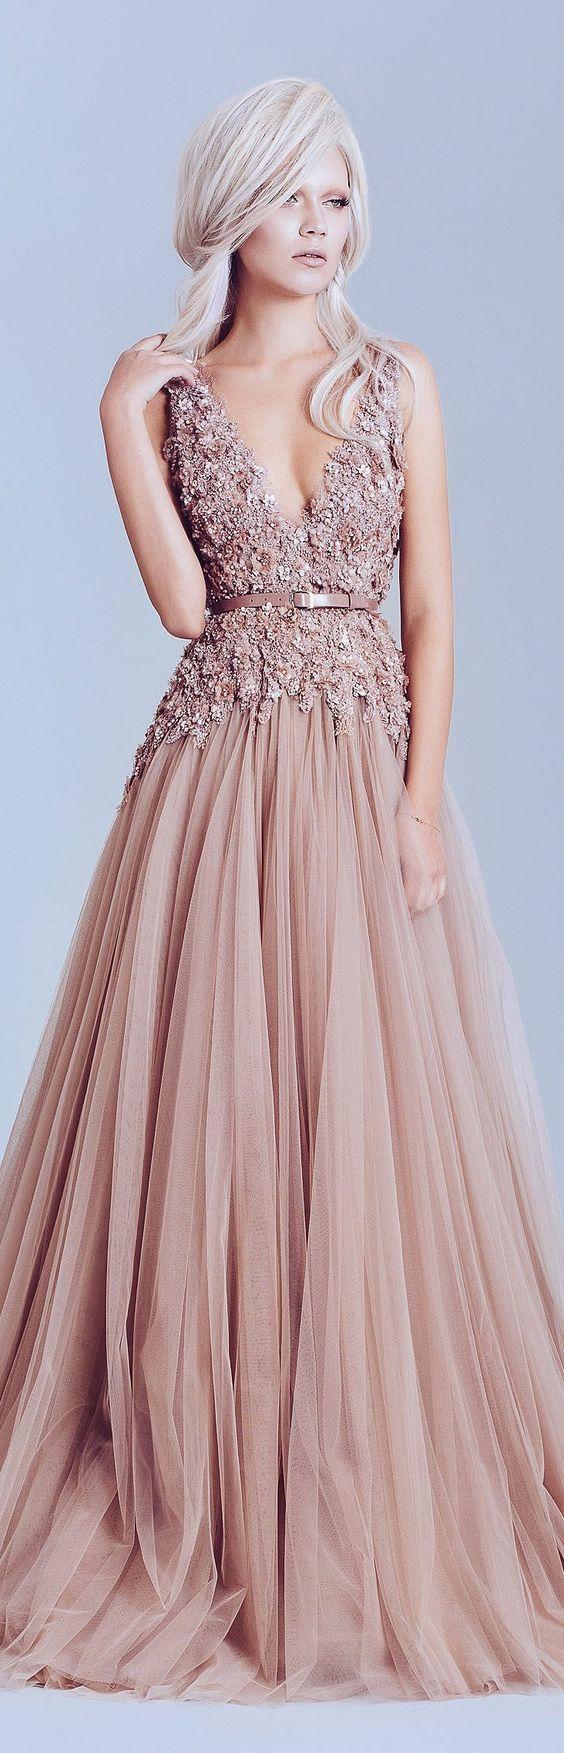 4e35b7043d0 Самые красивые выпускные платья 2017 года на фото. Модные новинки выпускных  платьев для 11 и 9 класса. Длинные выпускные платья 2017 фото новинки.